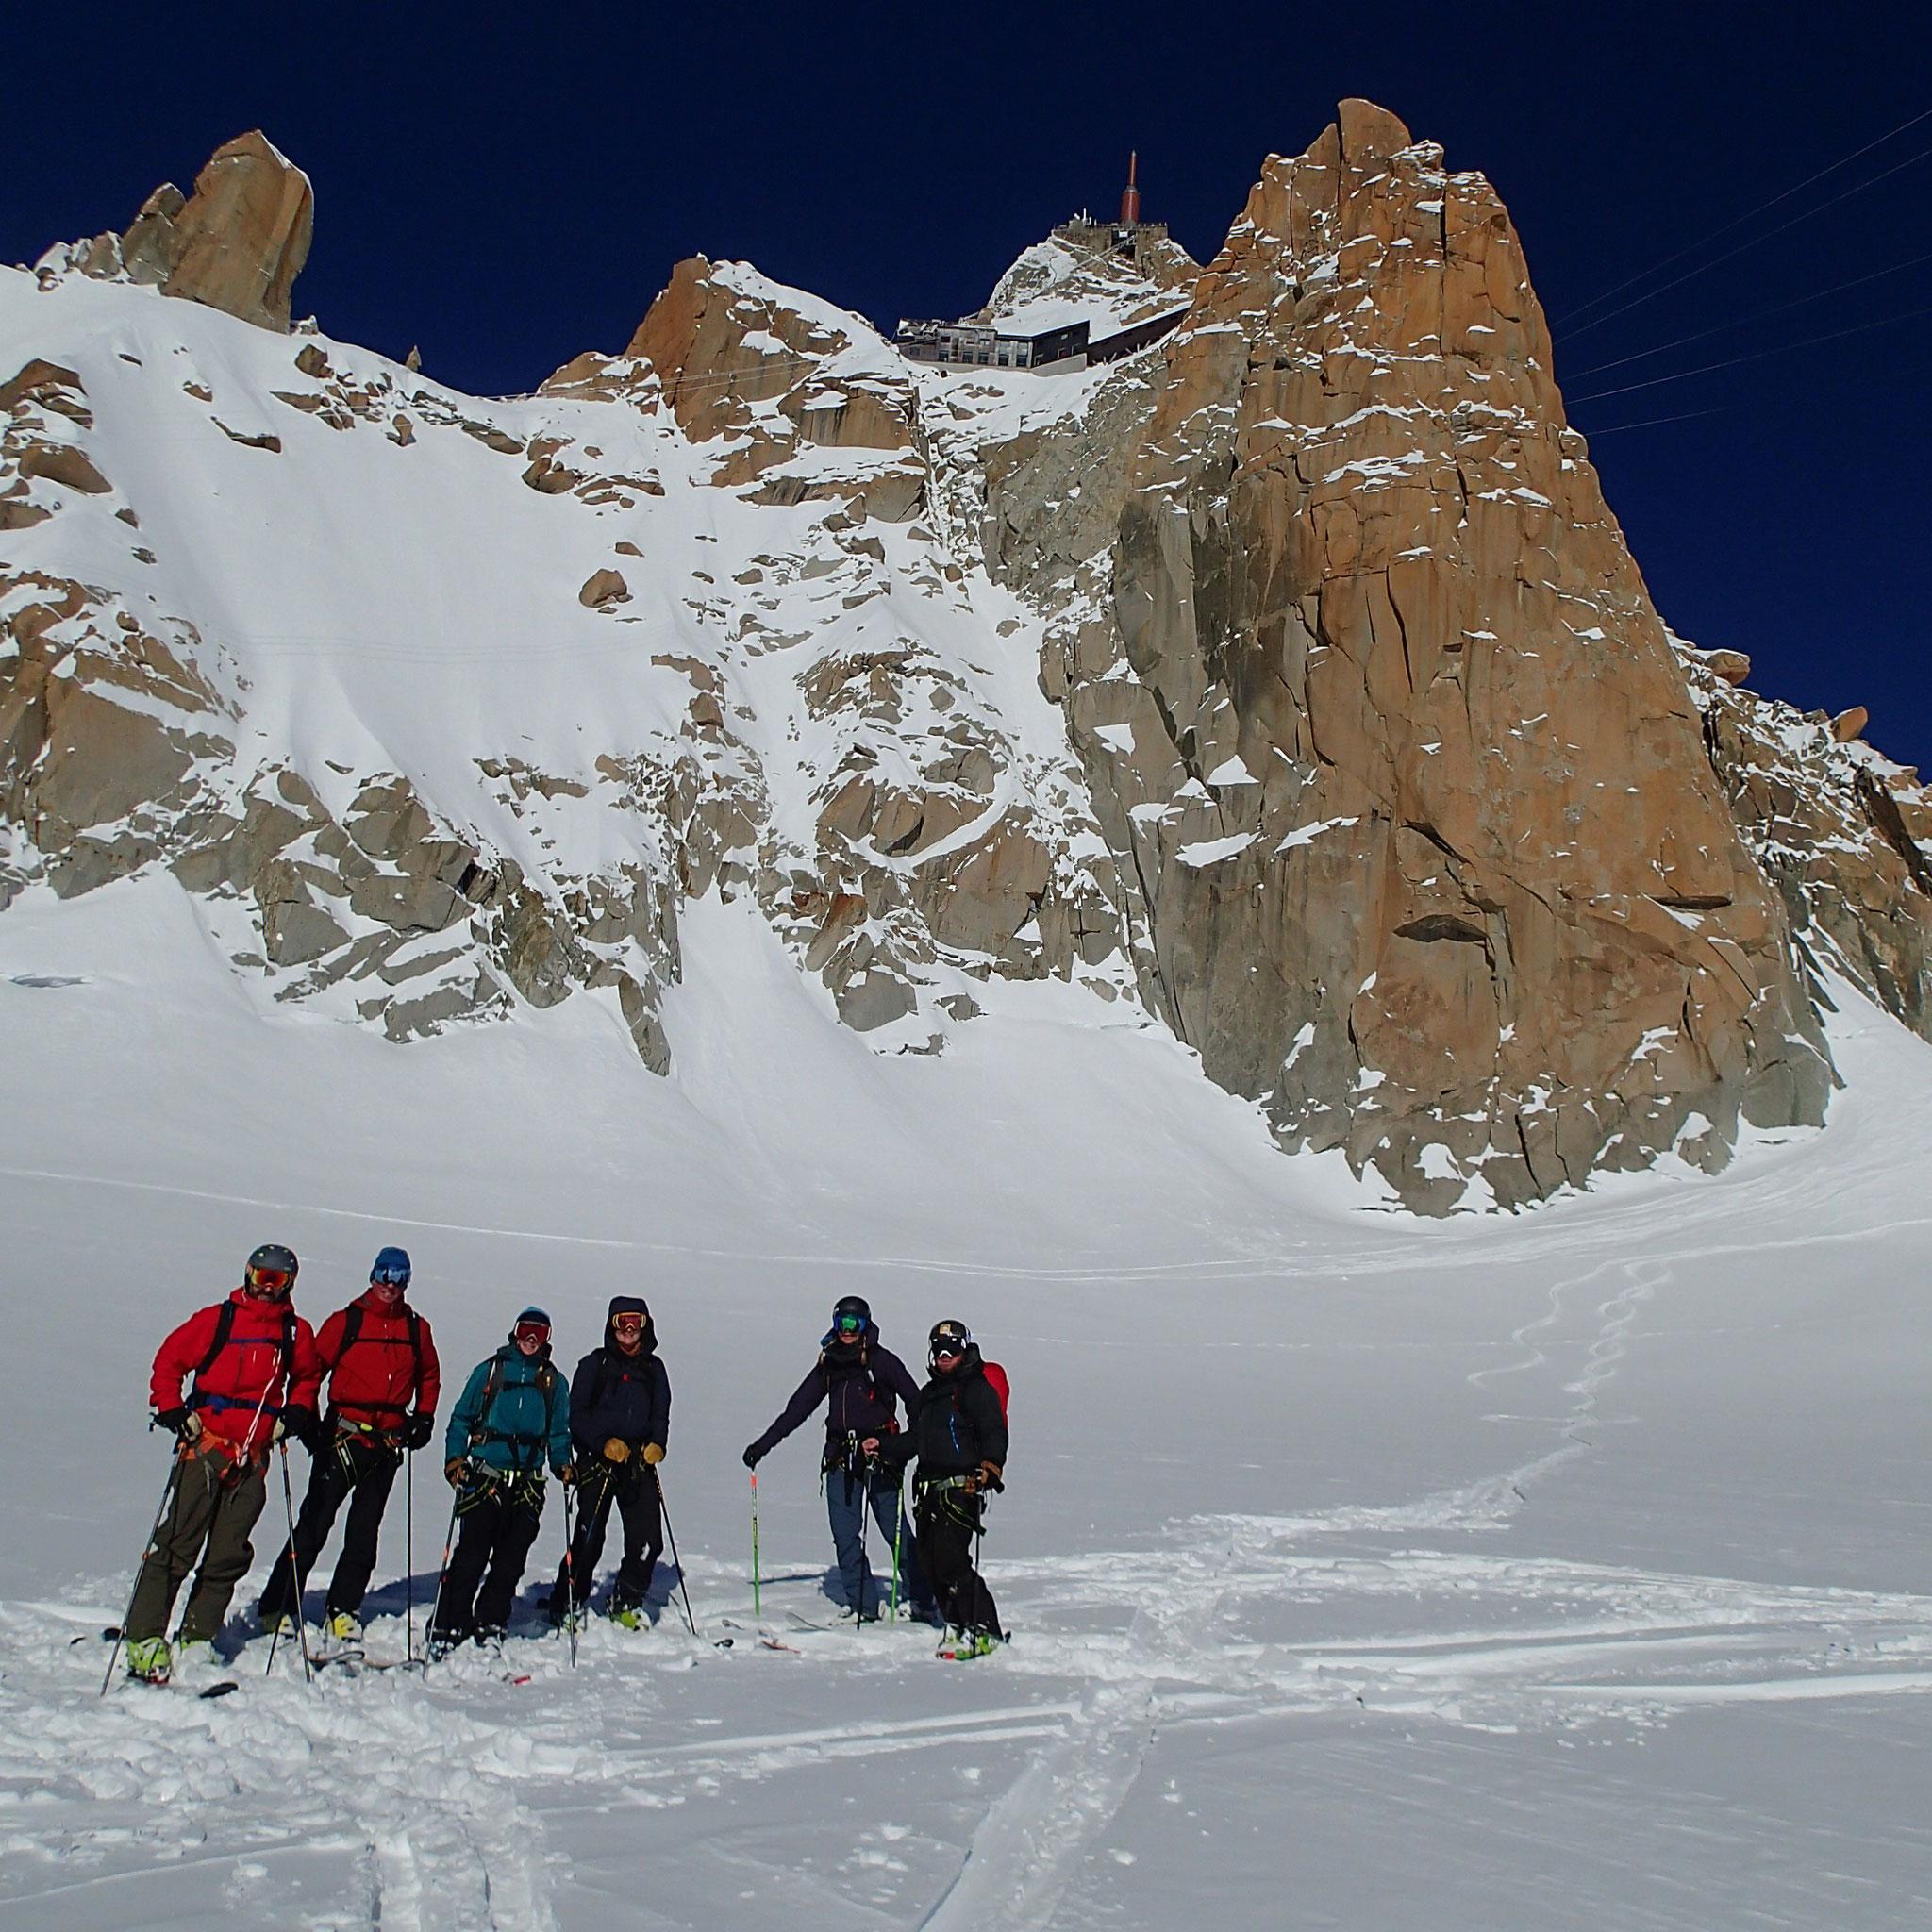 Amy, Mam, Jon et leurs amis au Col du Midi